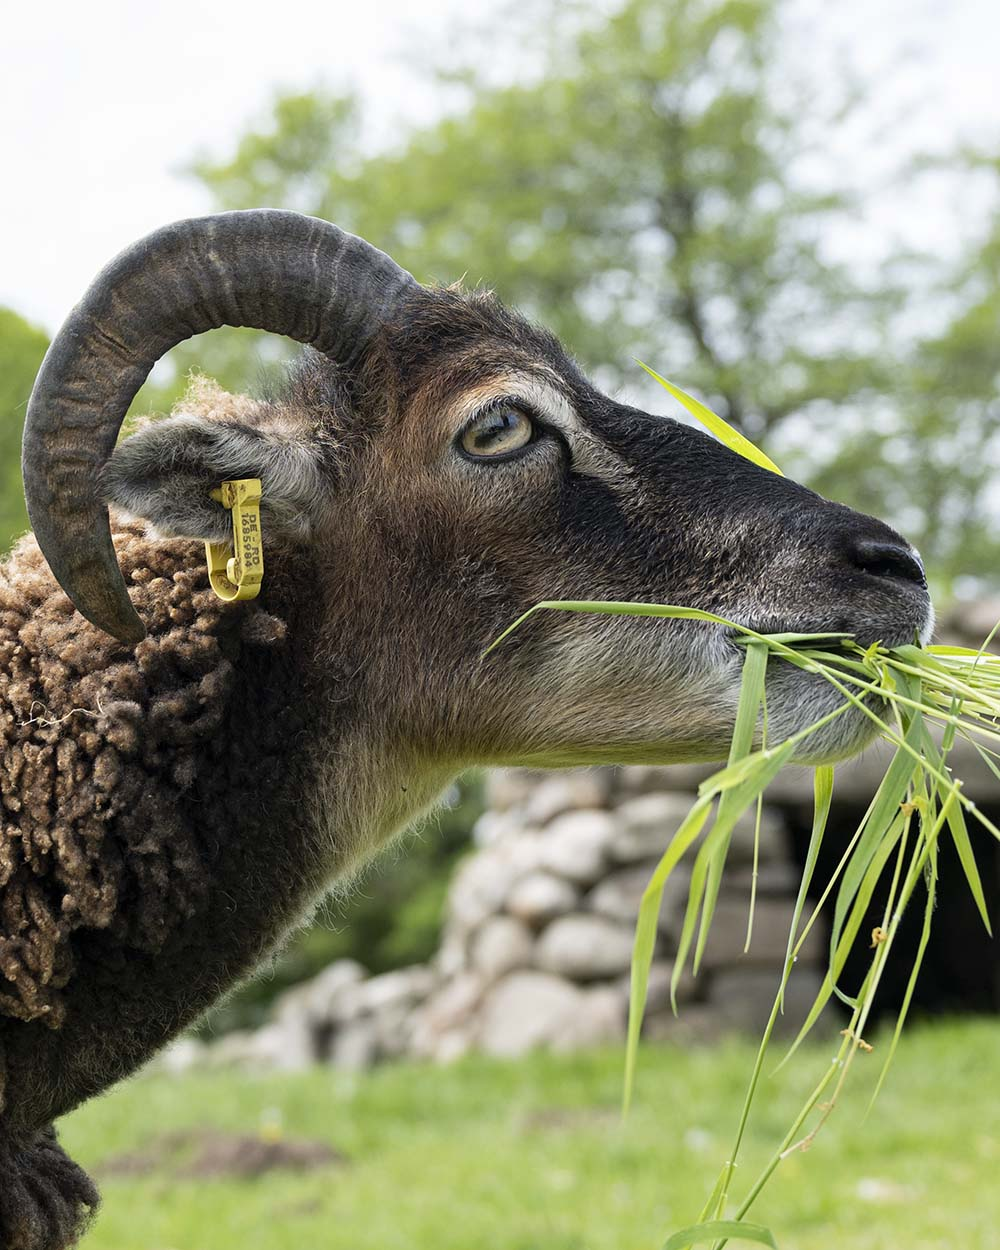 Der Kopf eines Soay Schaf im Tierpark Arche Warder. Das Schaf frisst gerade ein Büschel Gras.